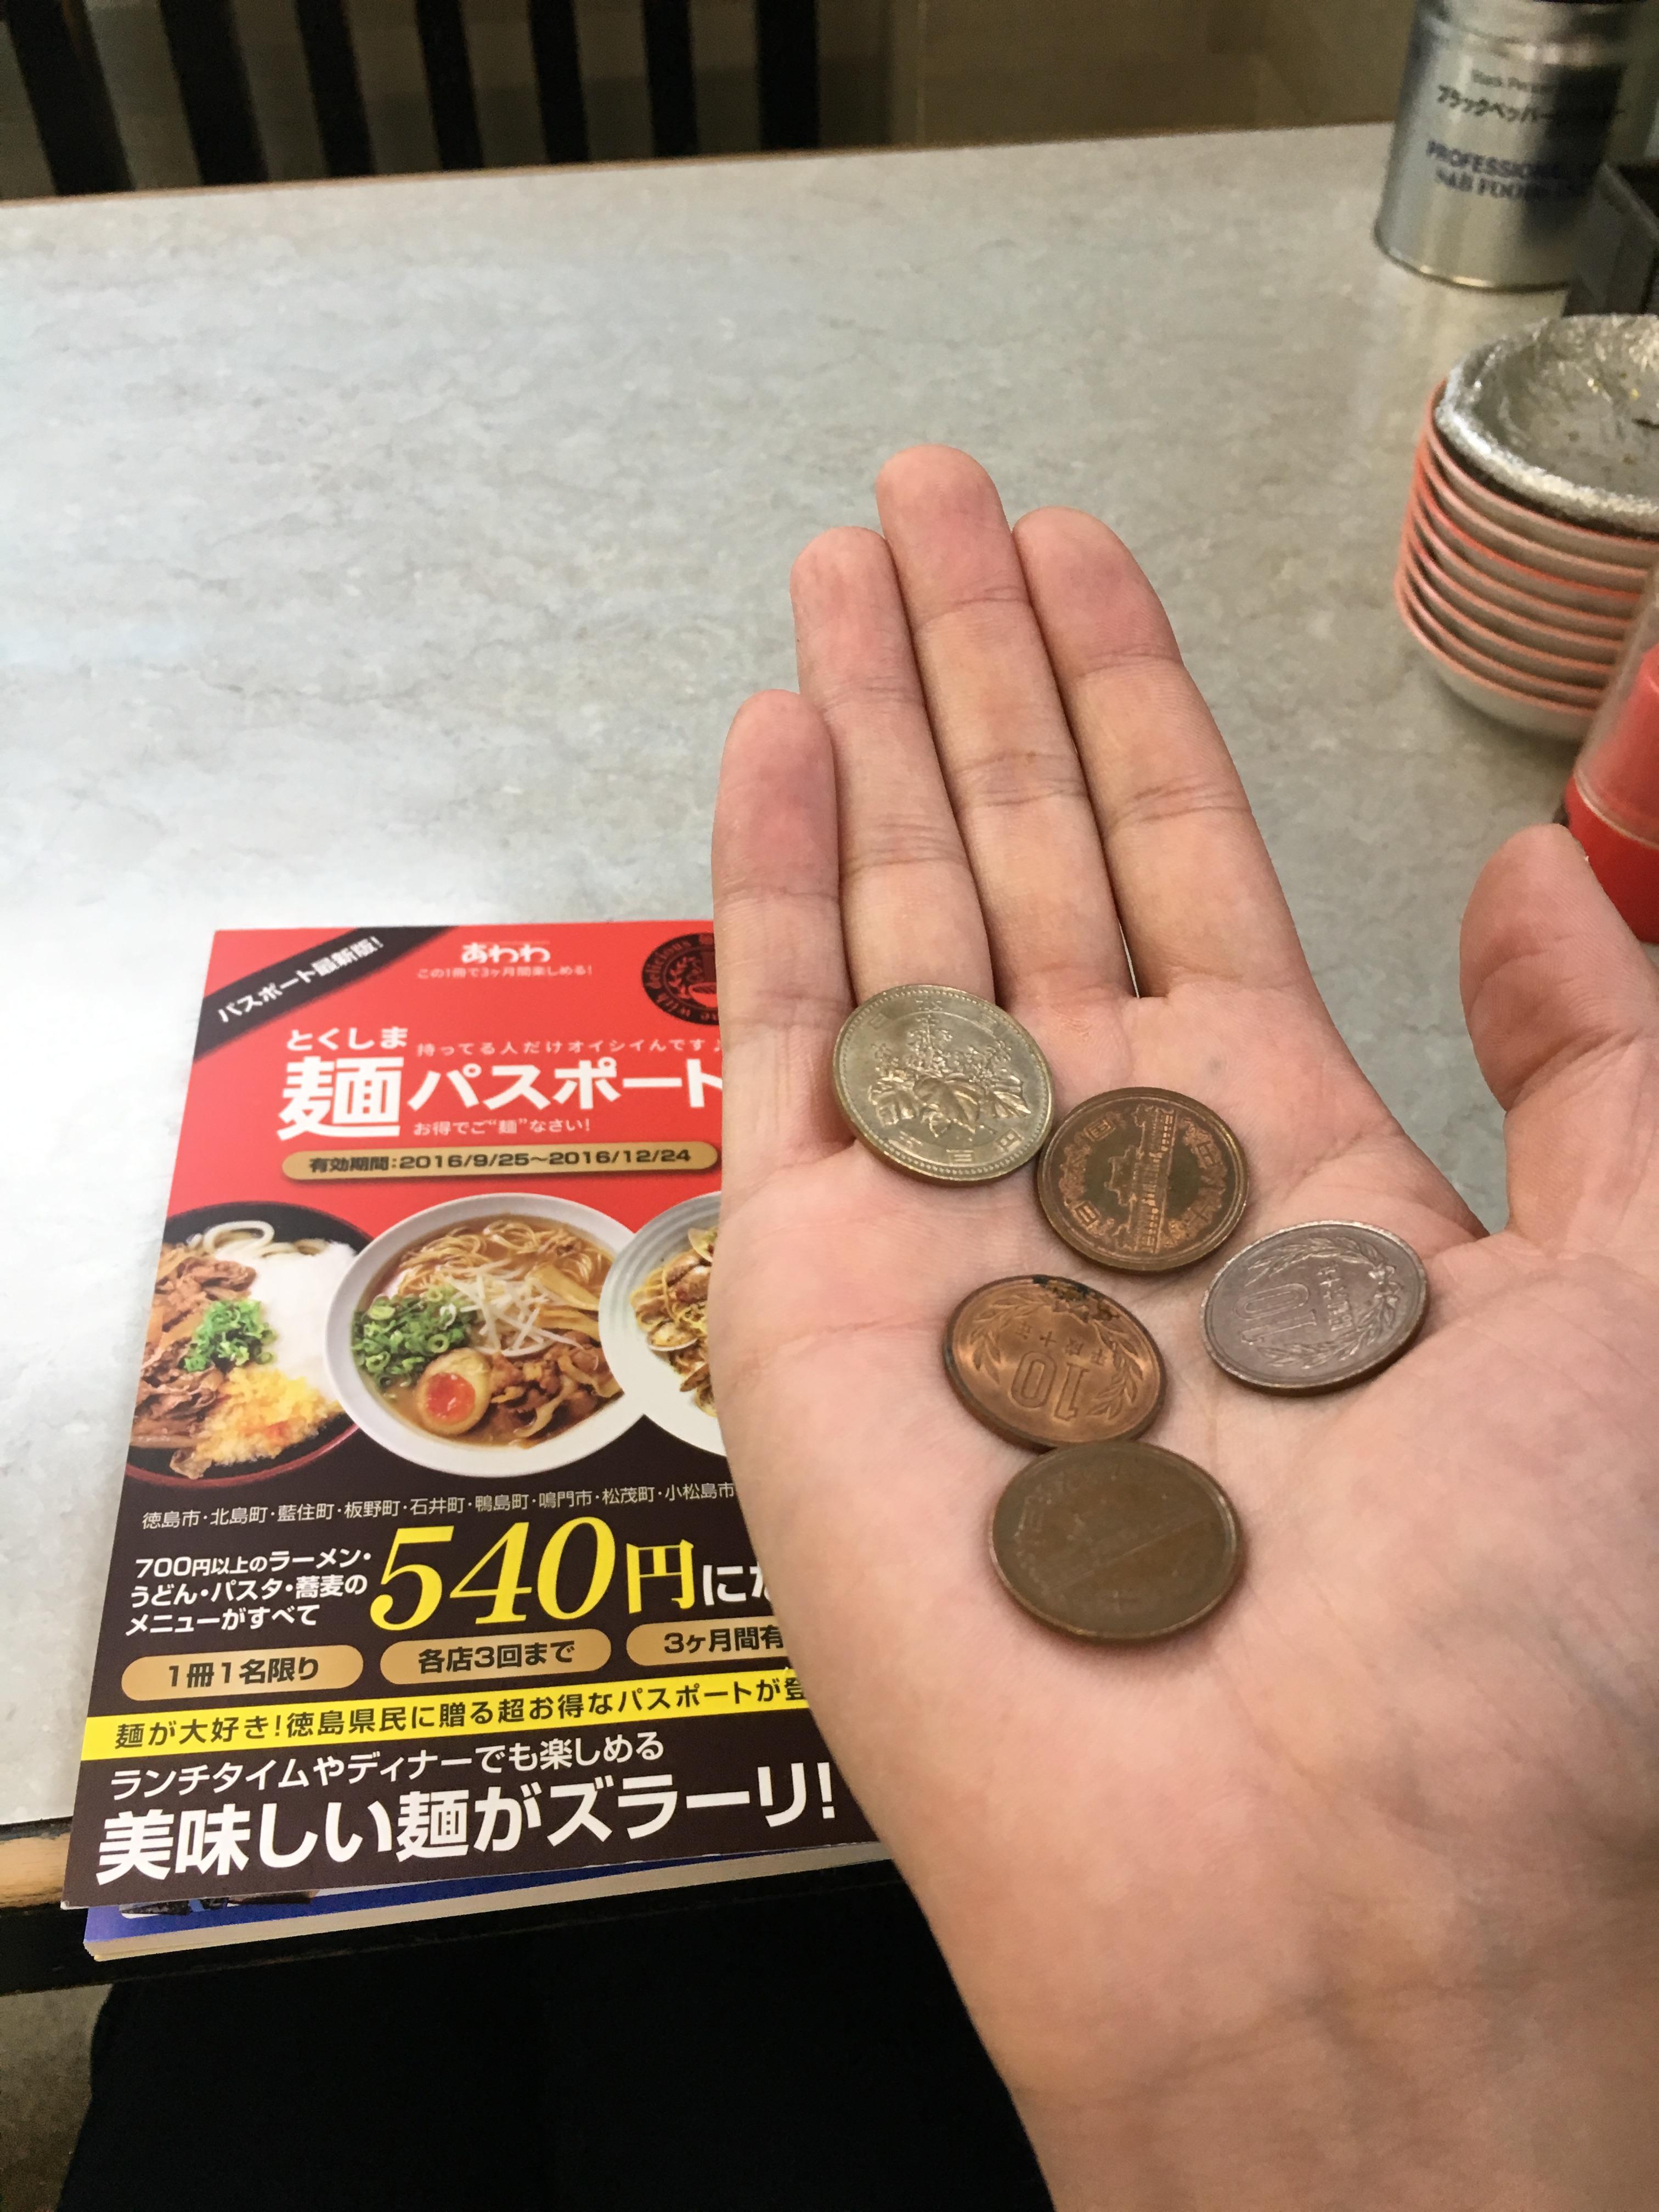 この一冊で皆さんも麺王国へ!Have a nice trip!